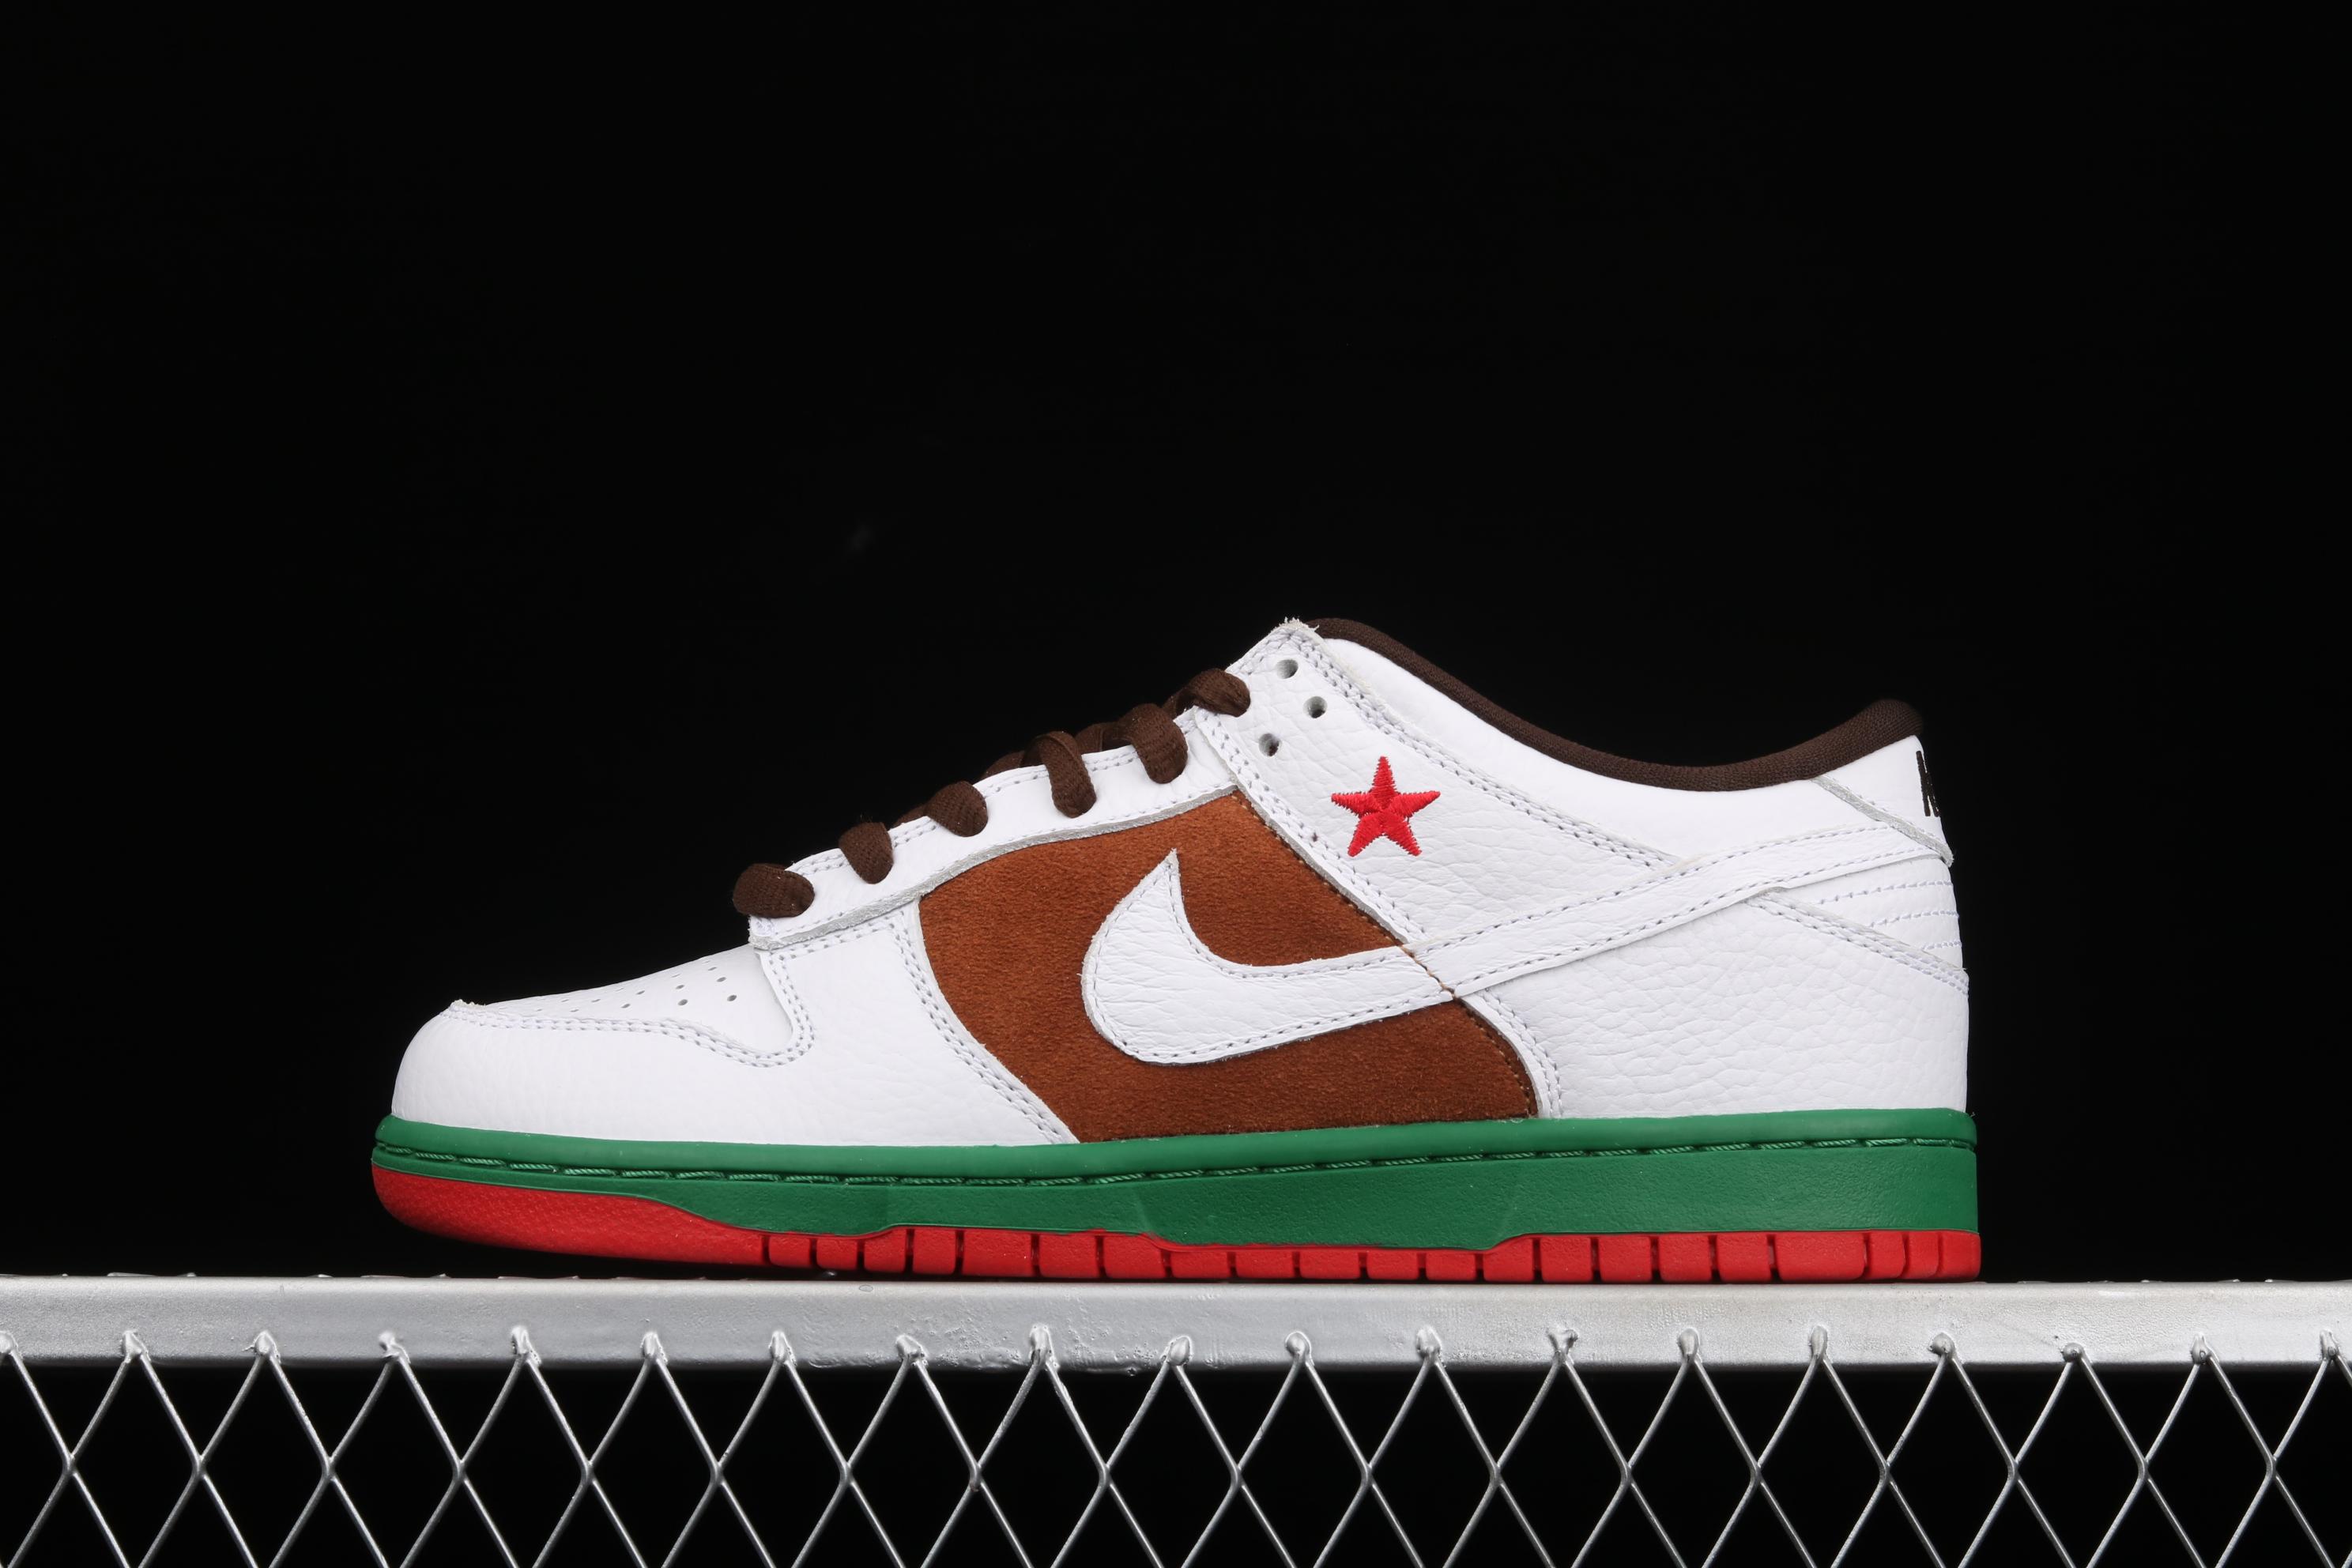 J版 Nk Dunk SB Low Call加州配色运动滑板鞋 304292-211